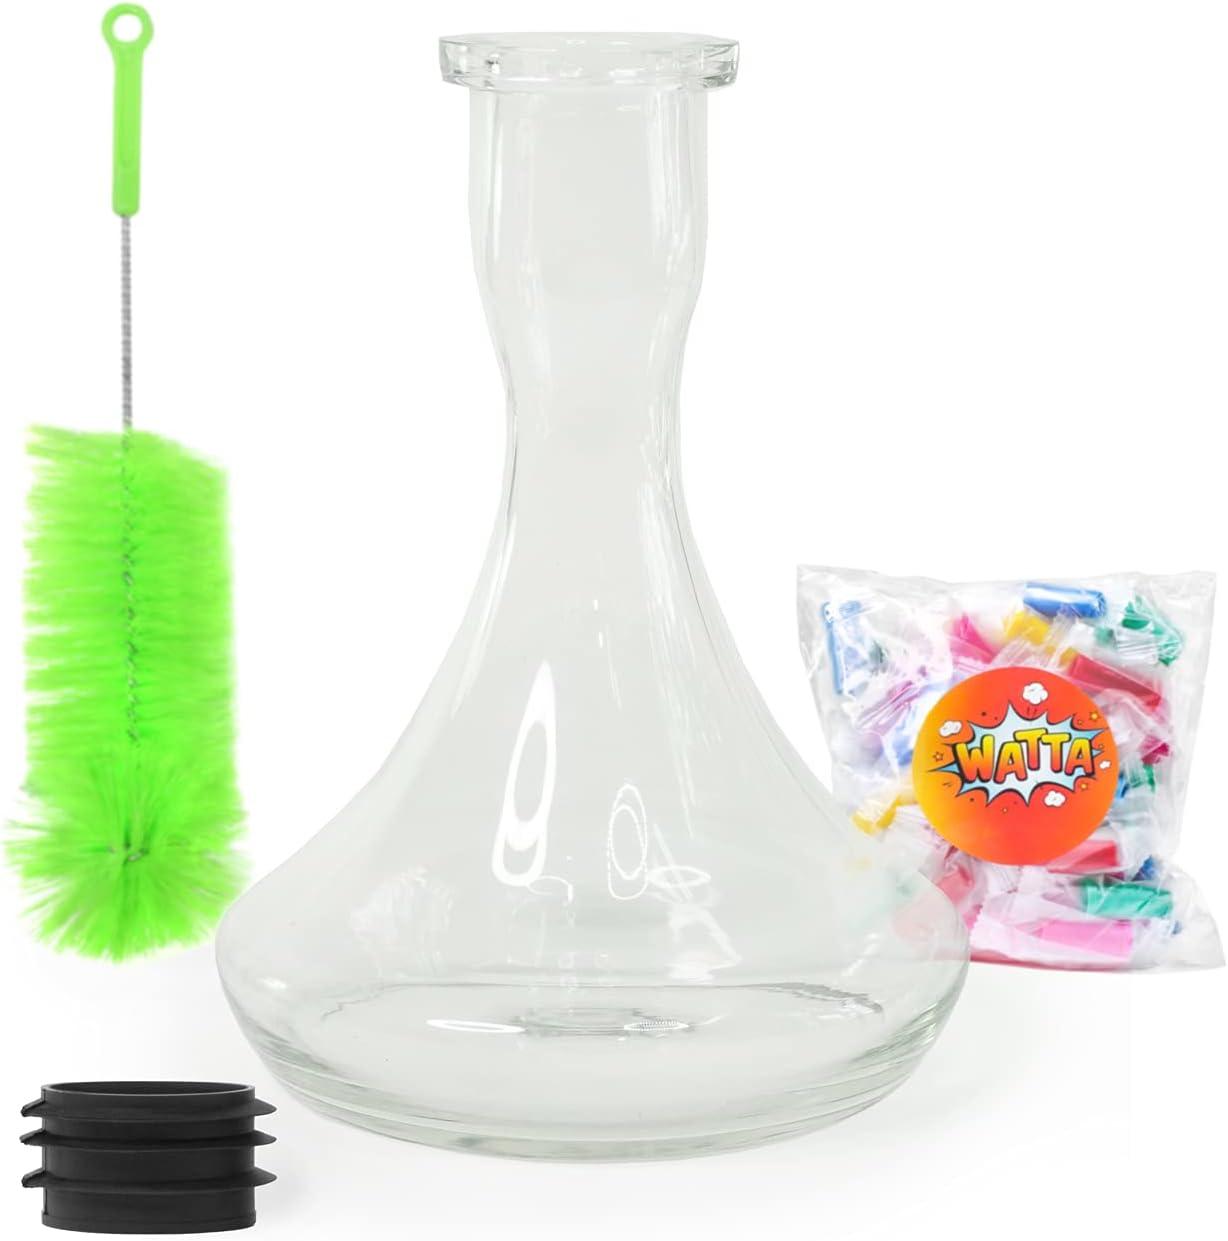 Base transparente para cachimba | Hookah Glass Vase | Cepillo Limpleza Para Base | Goma | Desechable Boquillas WAT45153